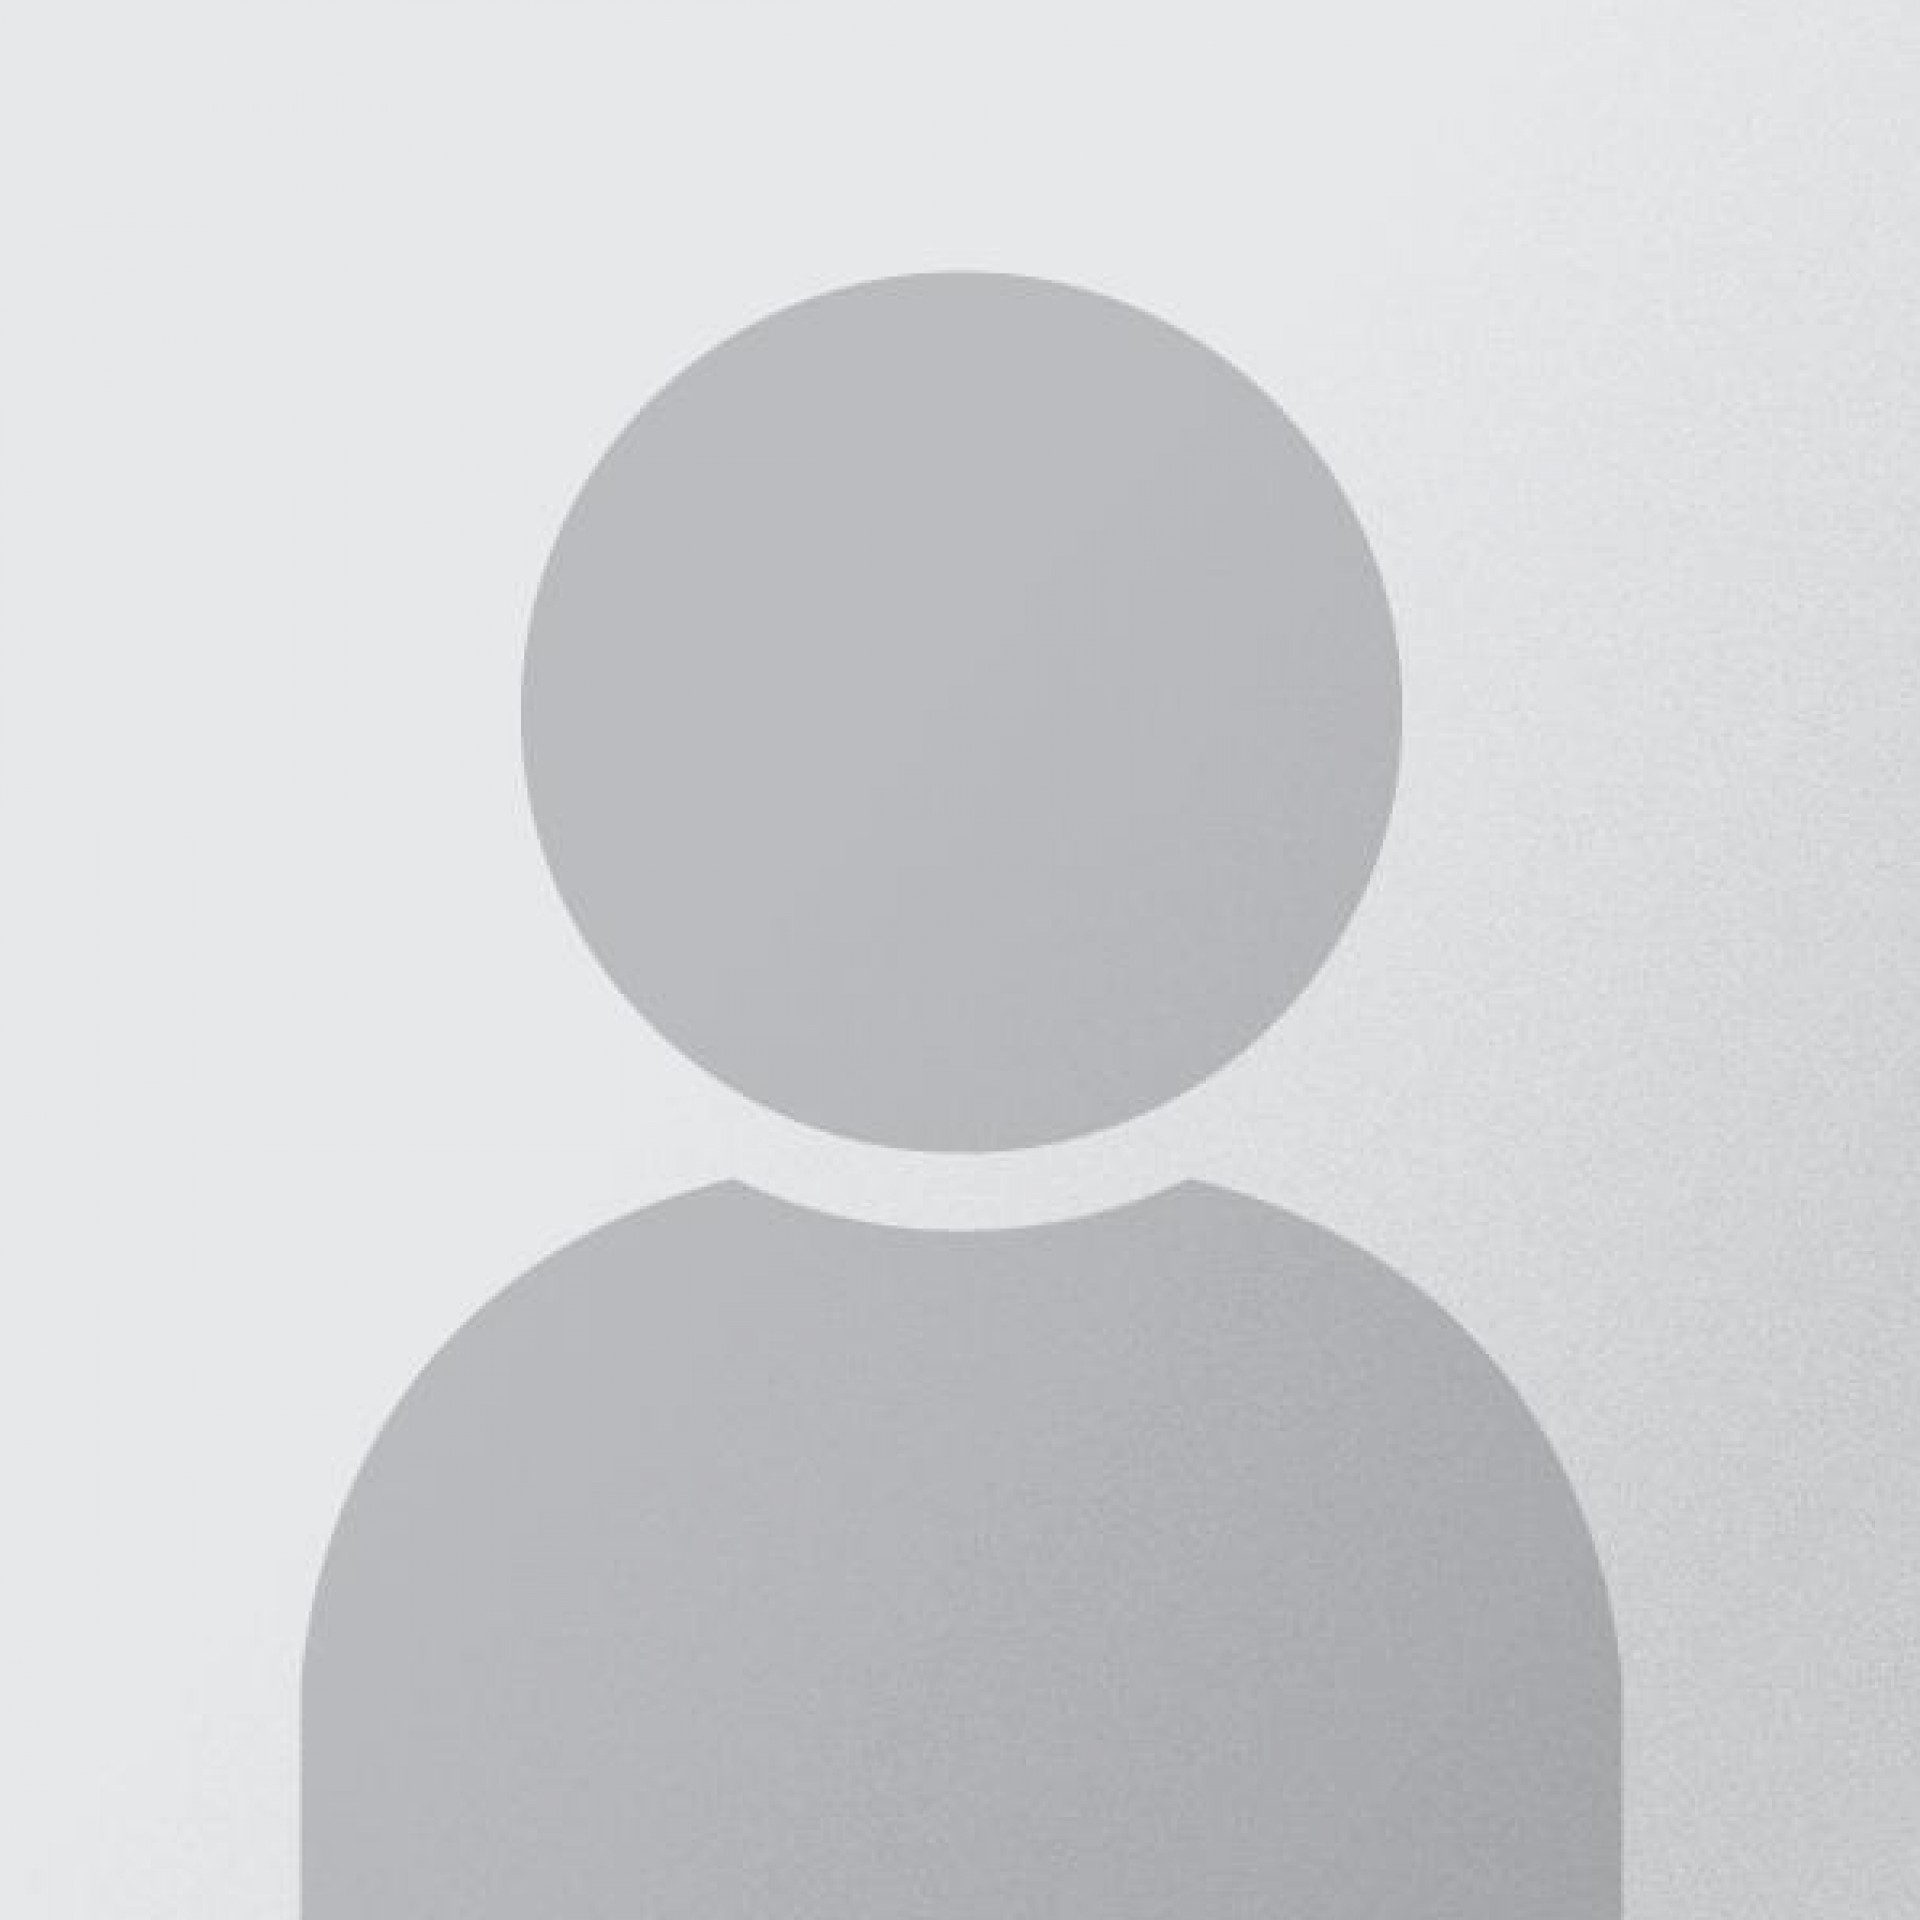 fotografia p021 profilu 0102KW4KDH